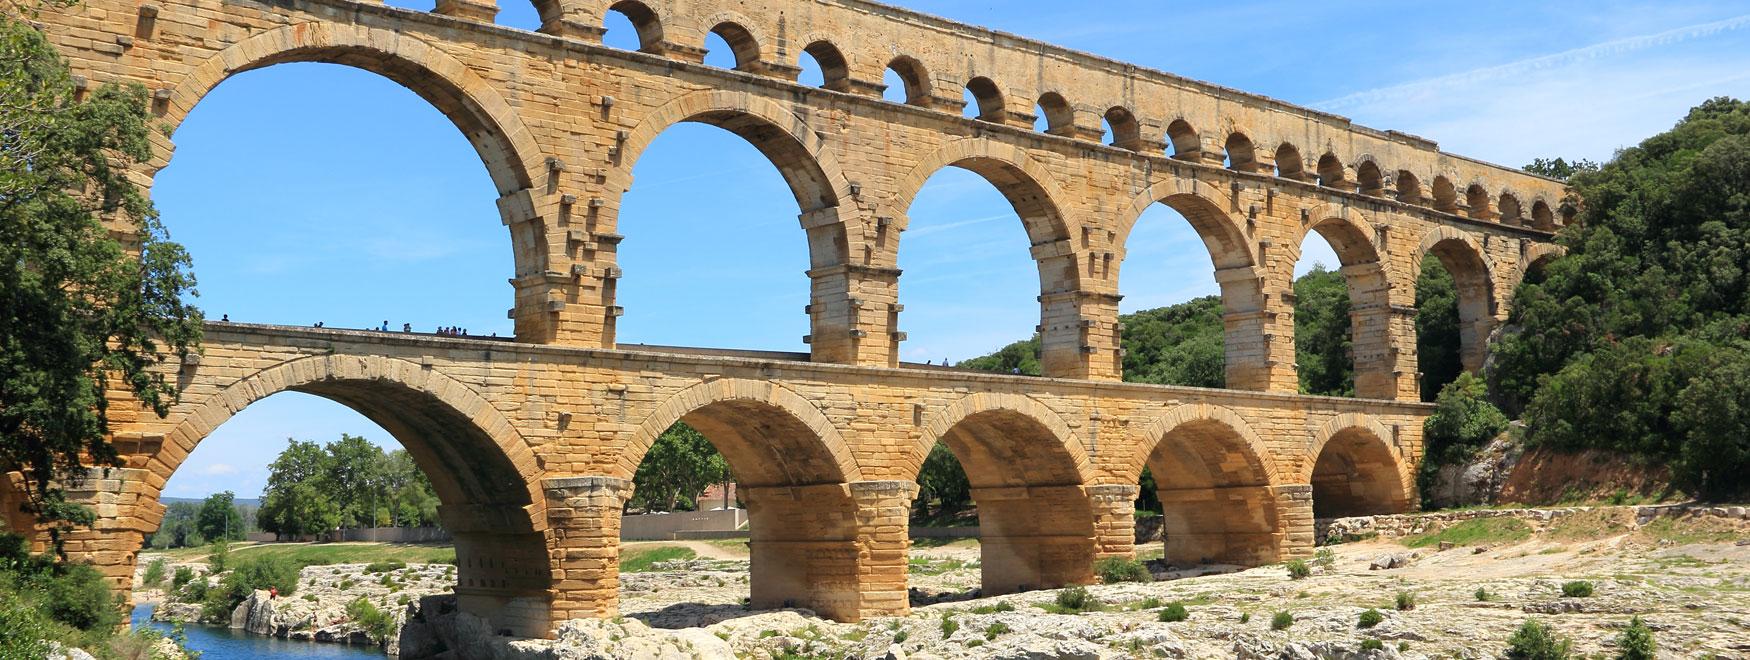 Excursión a Uzès, el Puente del Gard y Aviñón